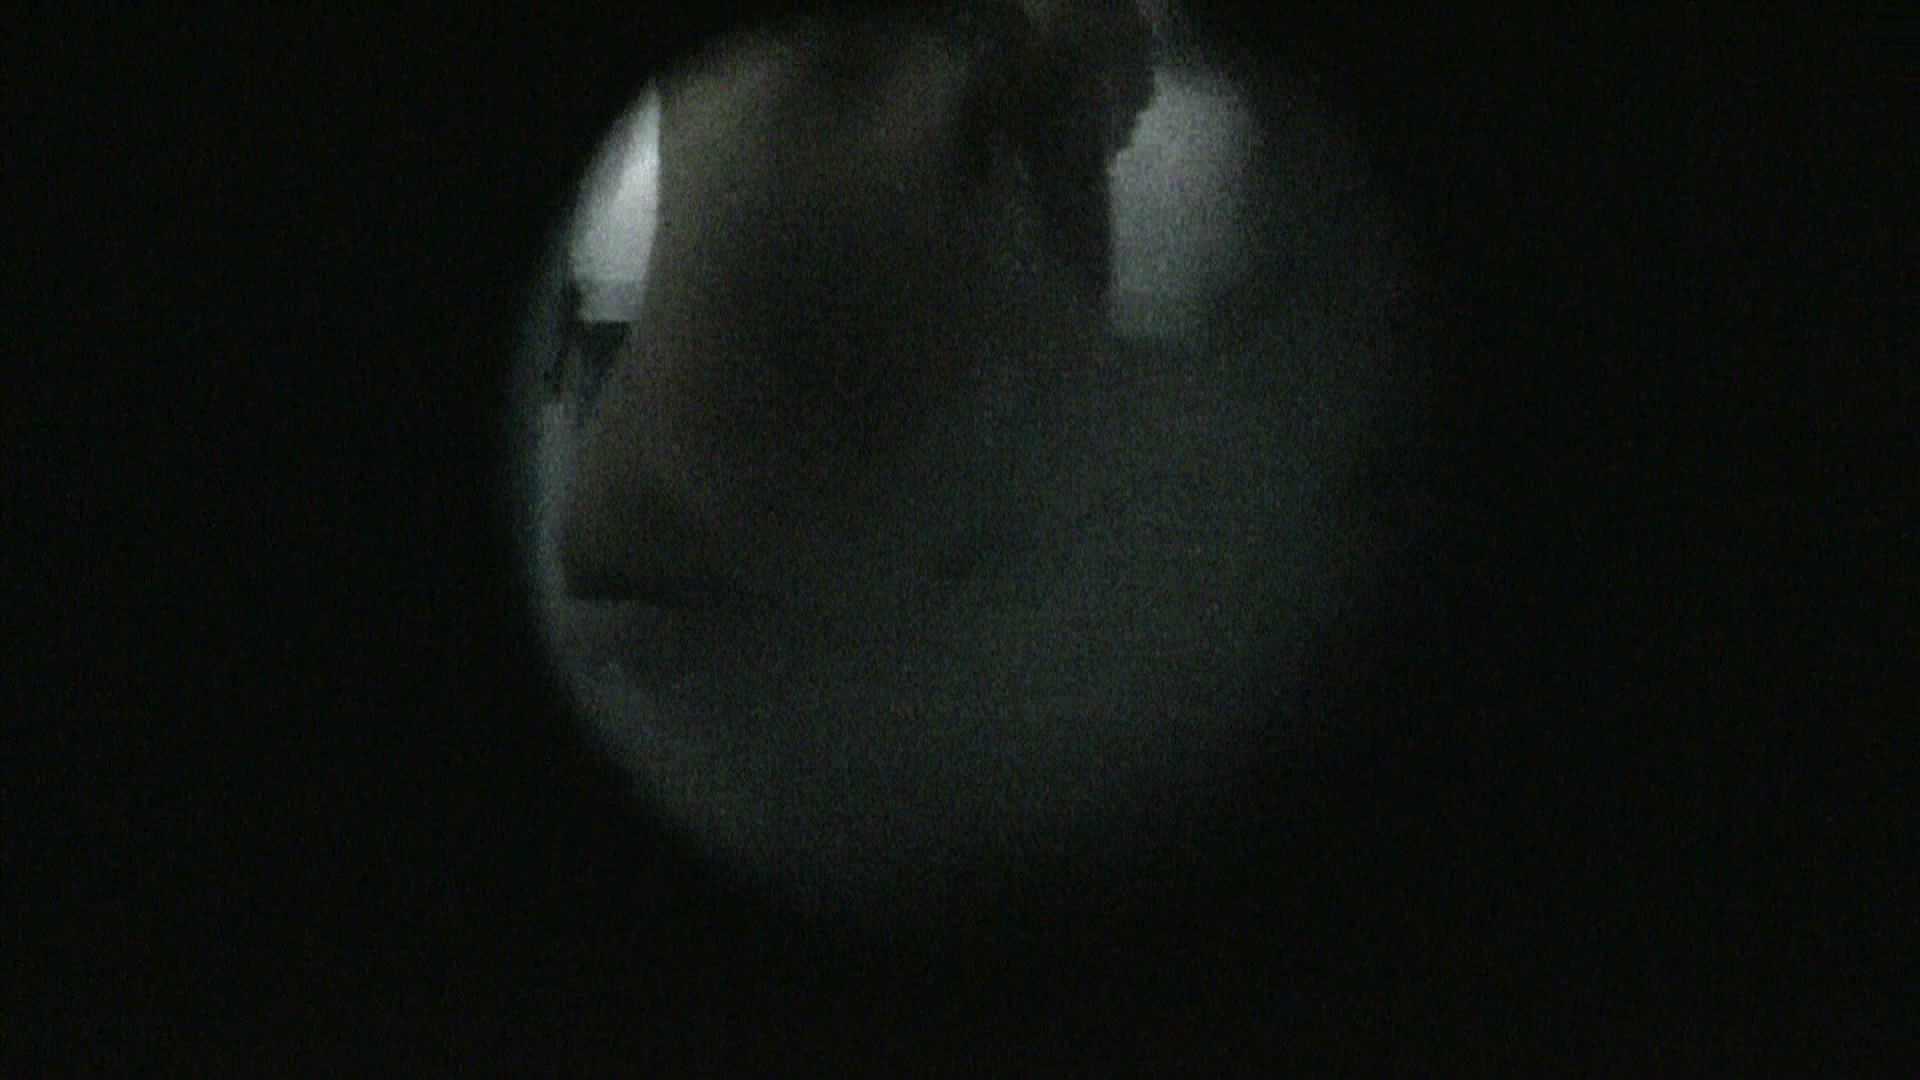 NO.13 暗いですが豪快な砂落としが好印象 シャワー室  89pic 5